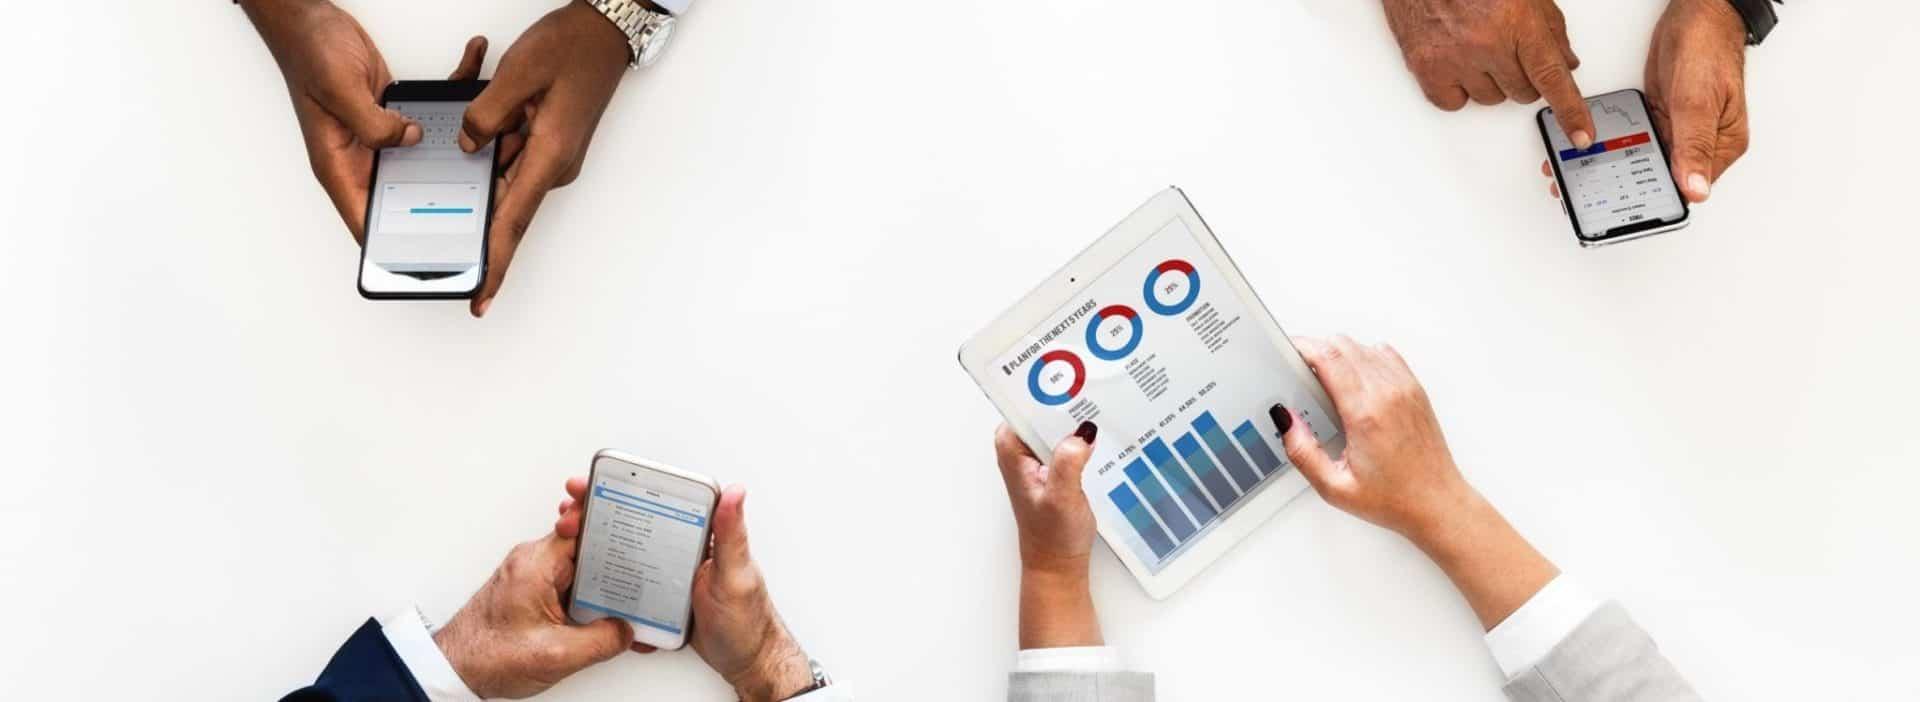 Online marketing op mobiele apparaten